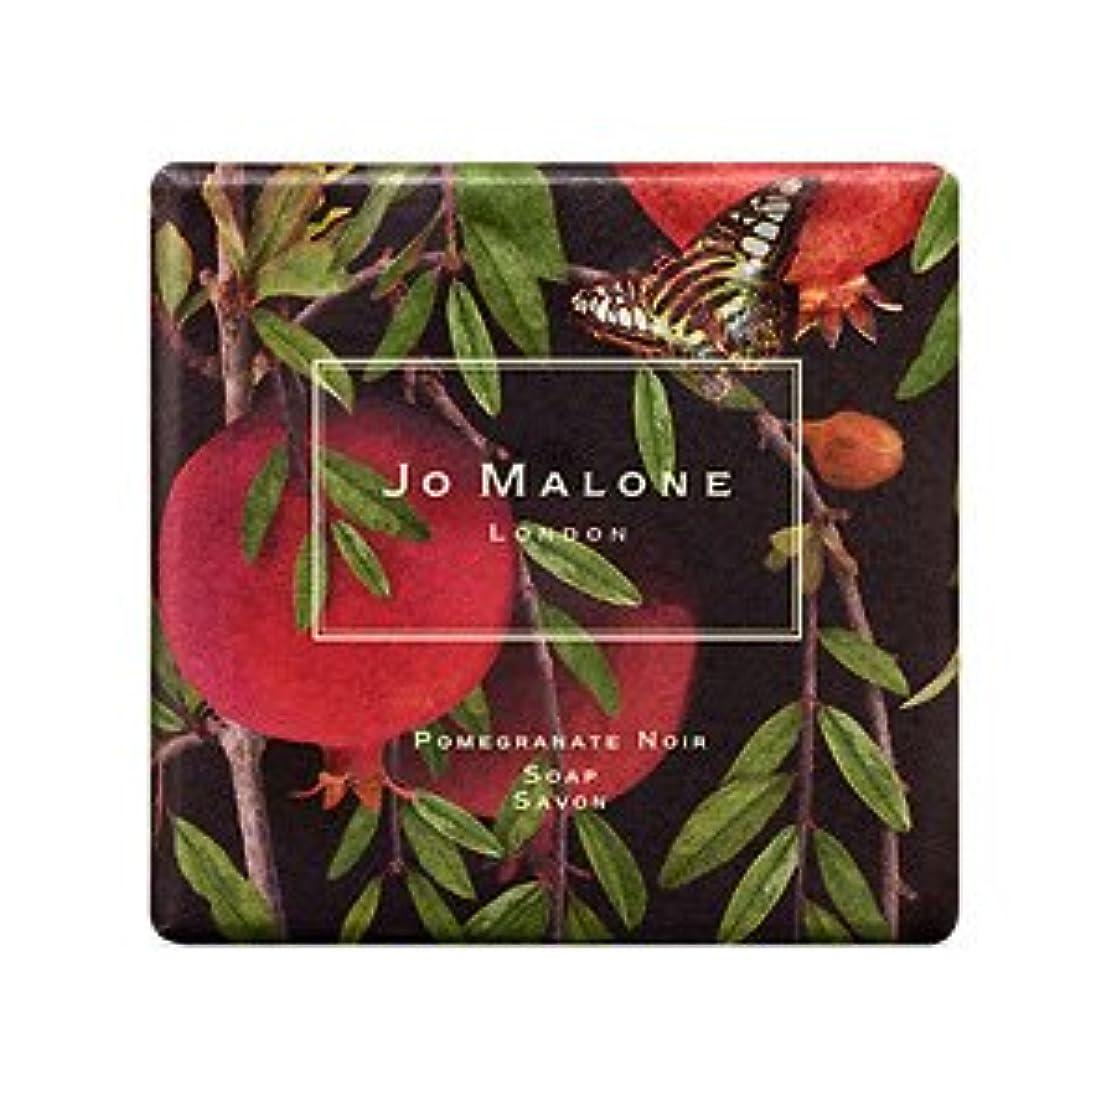 かどうか実行制限するJO MALONE LONDON (ジョー マローン ロンドン) ポメグラネート ノアール ソープ